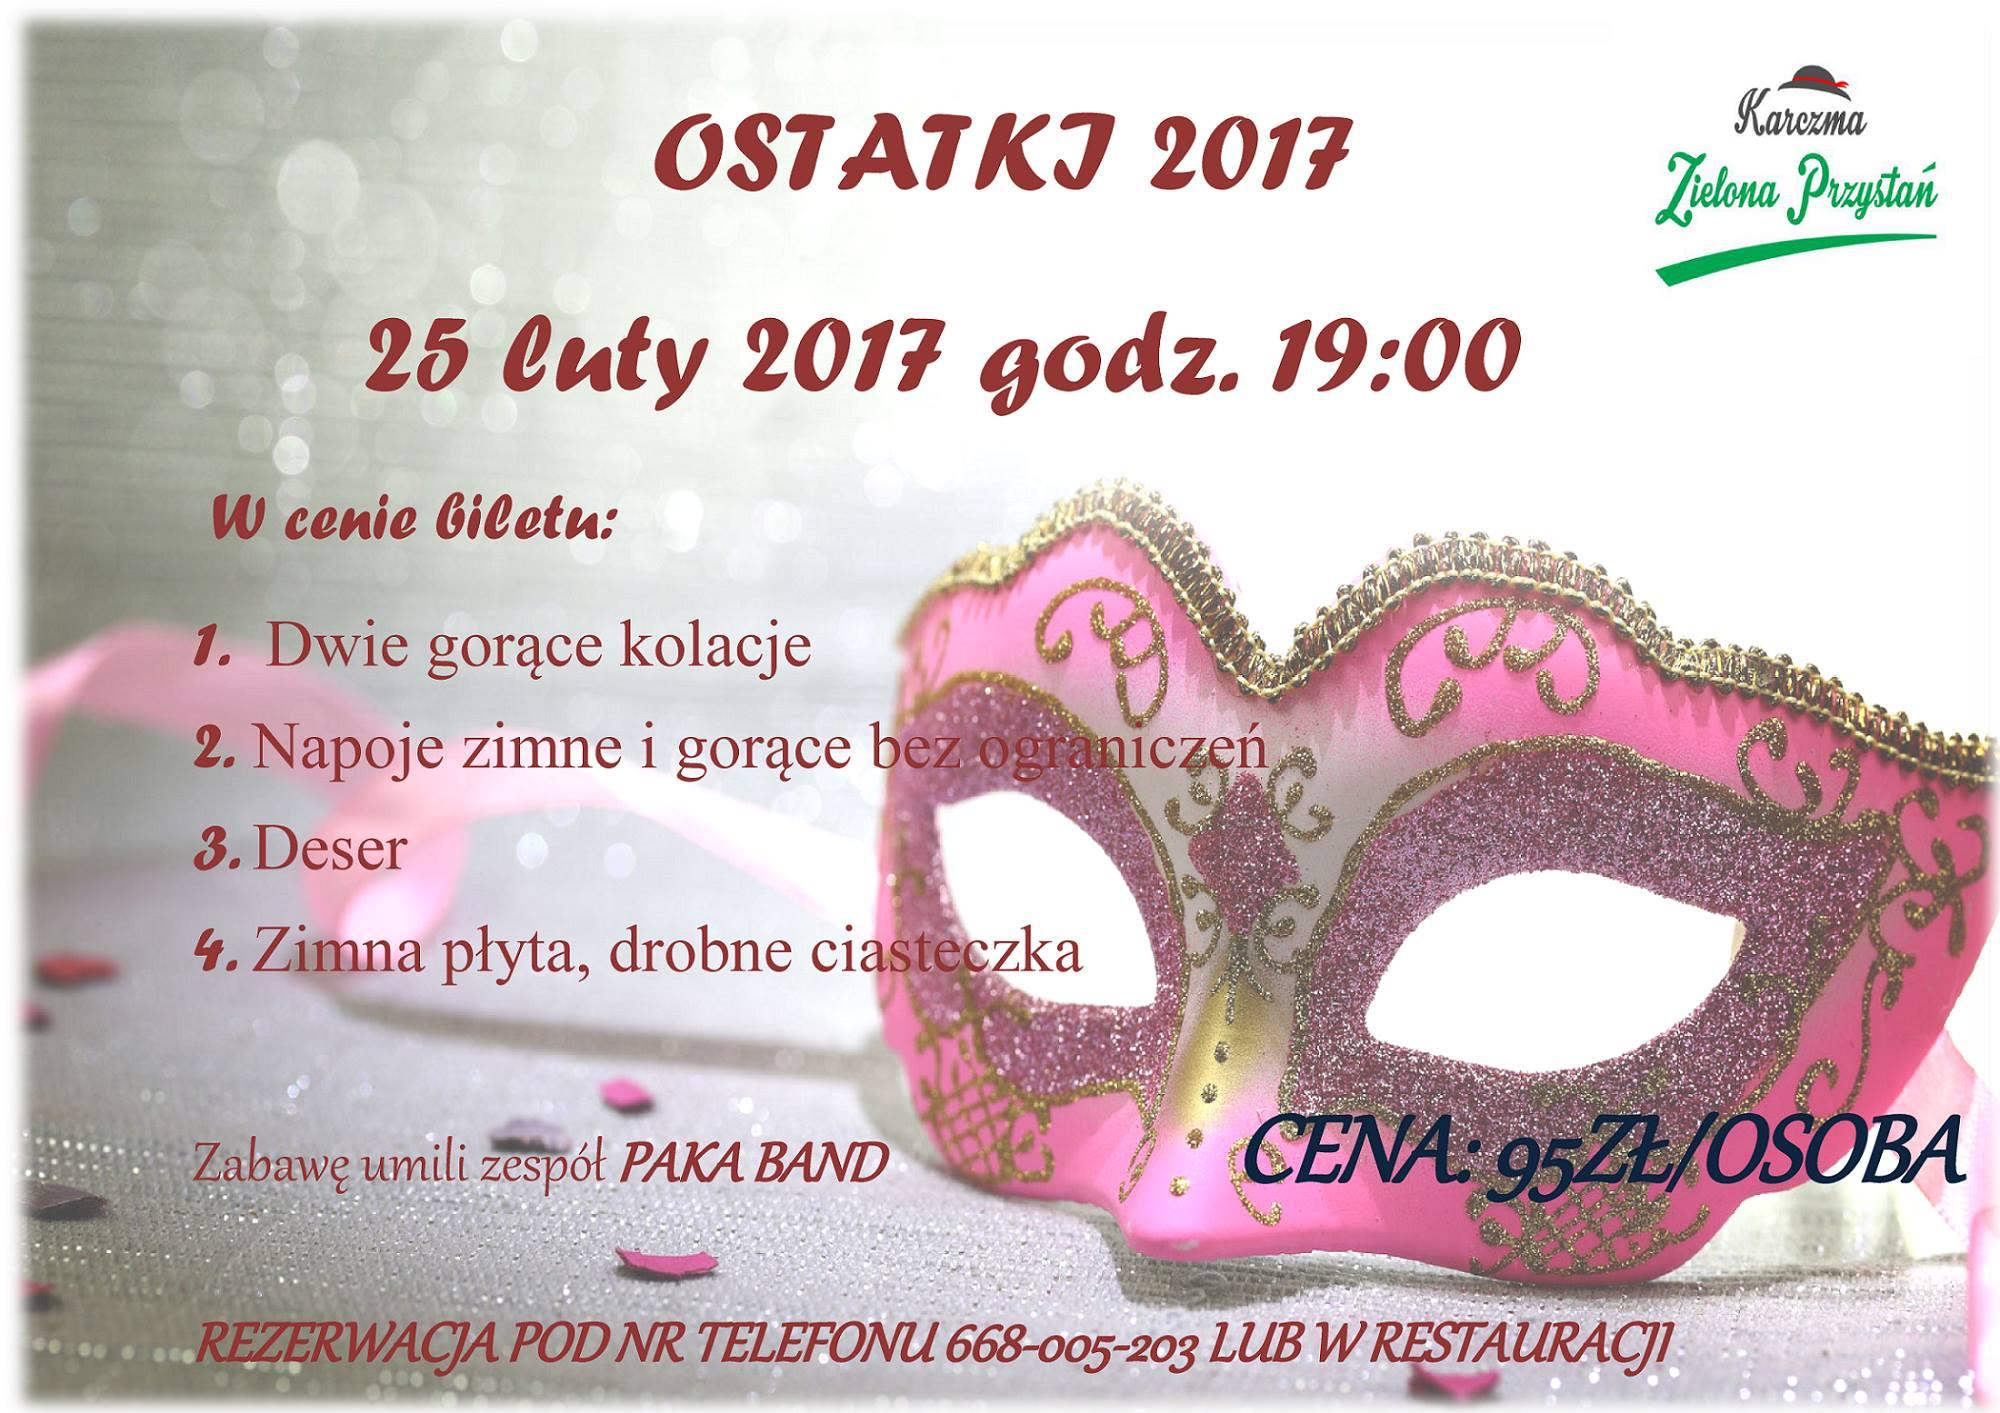 Ostatki 2017, Zielona Przystań, Paka Band